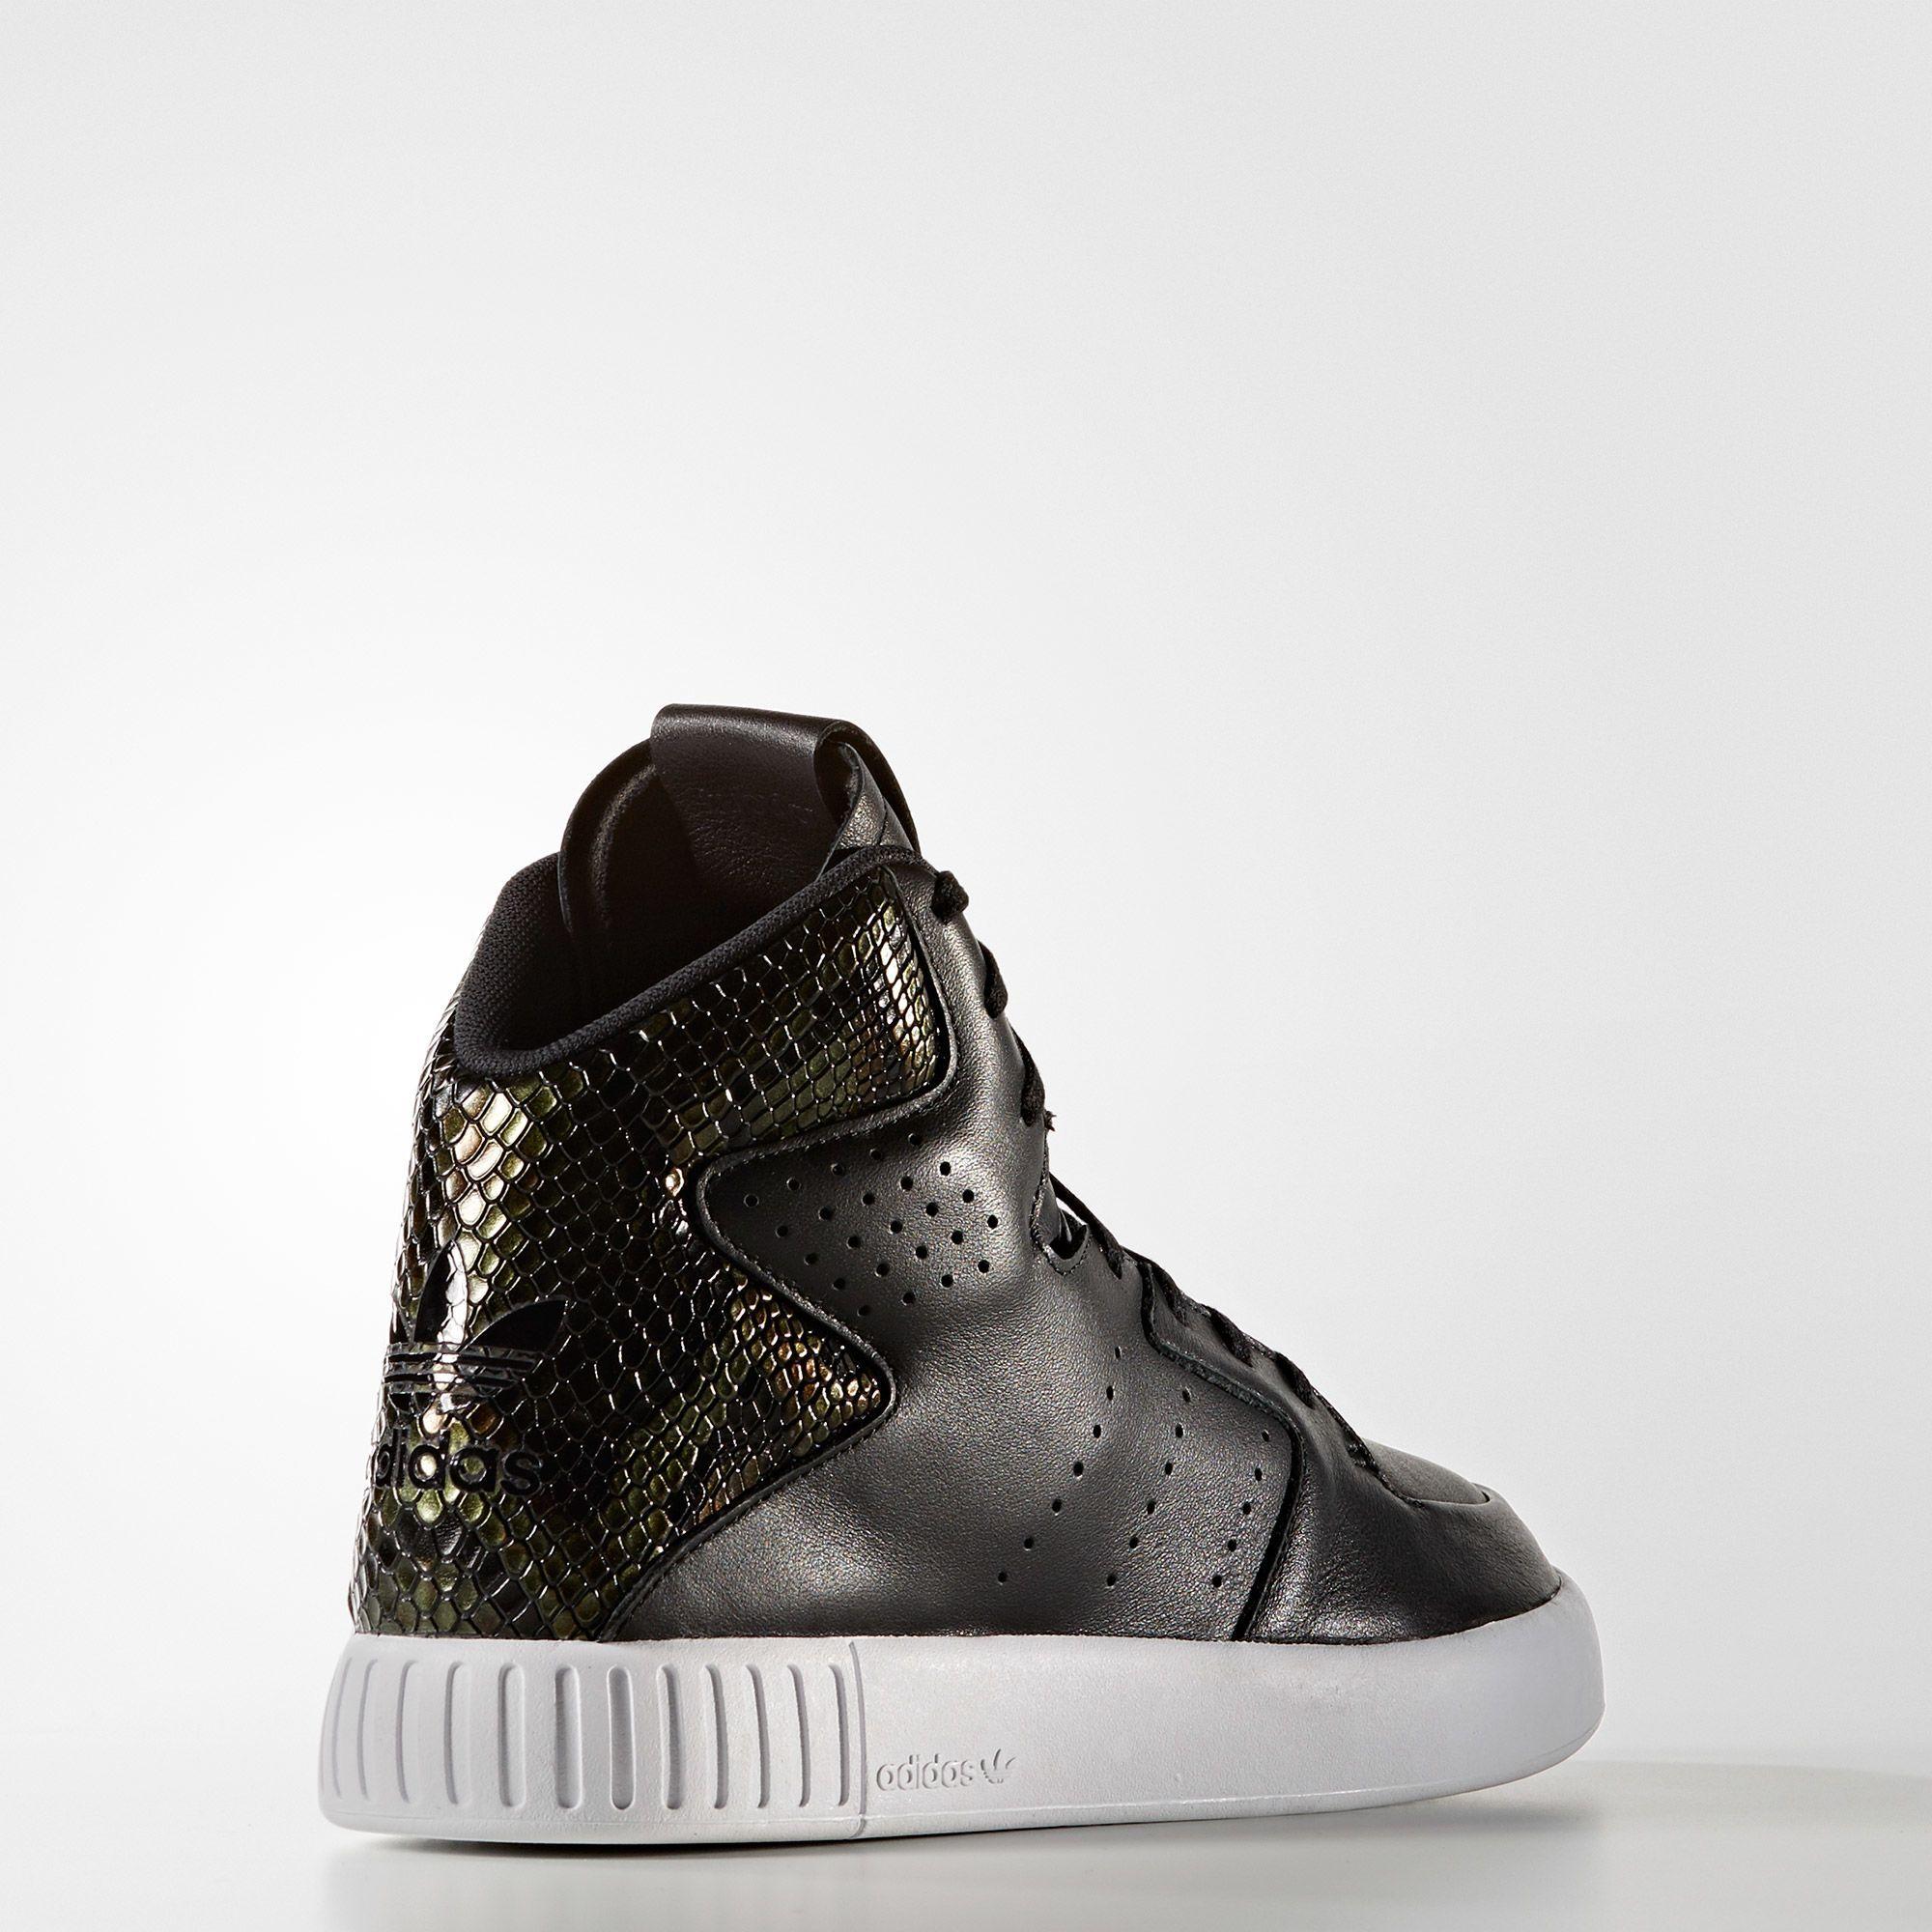 adidas - Tubular Invader 2.0 Shoes